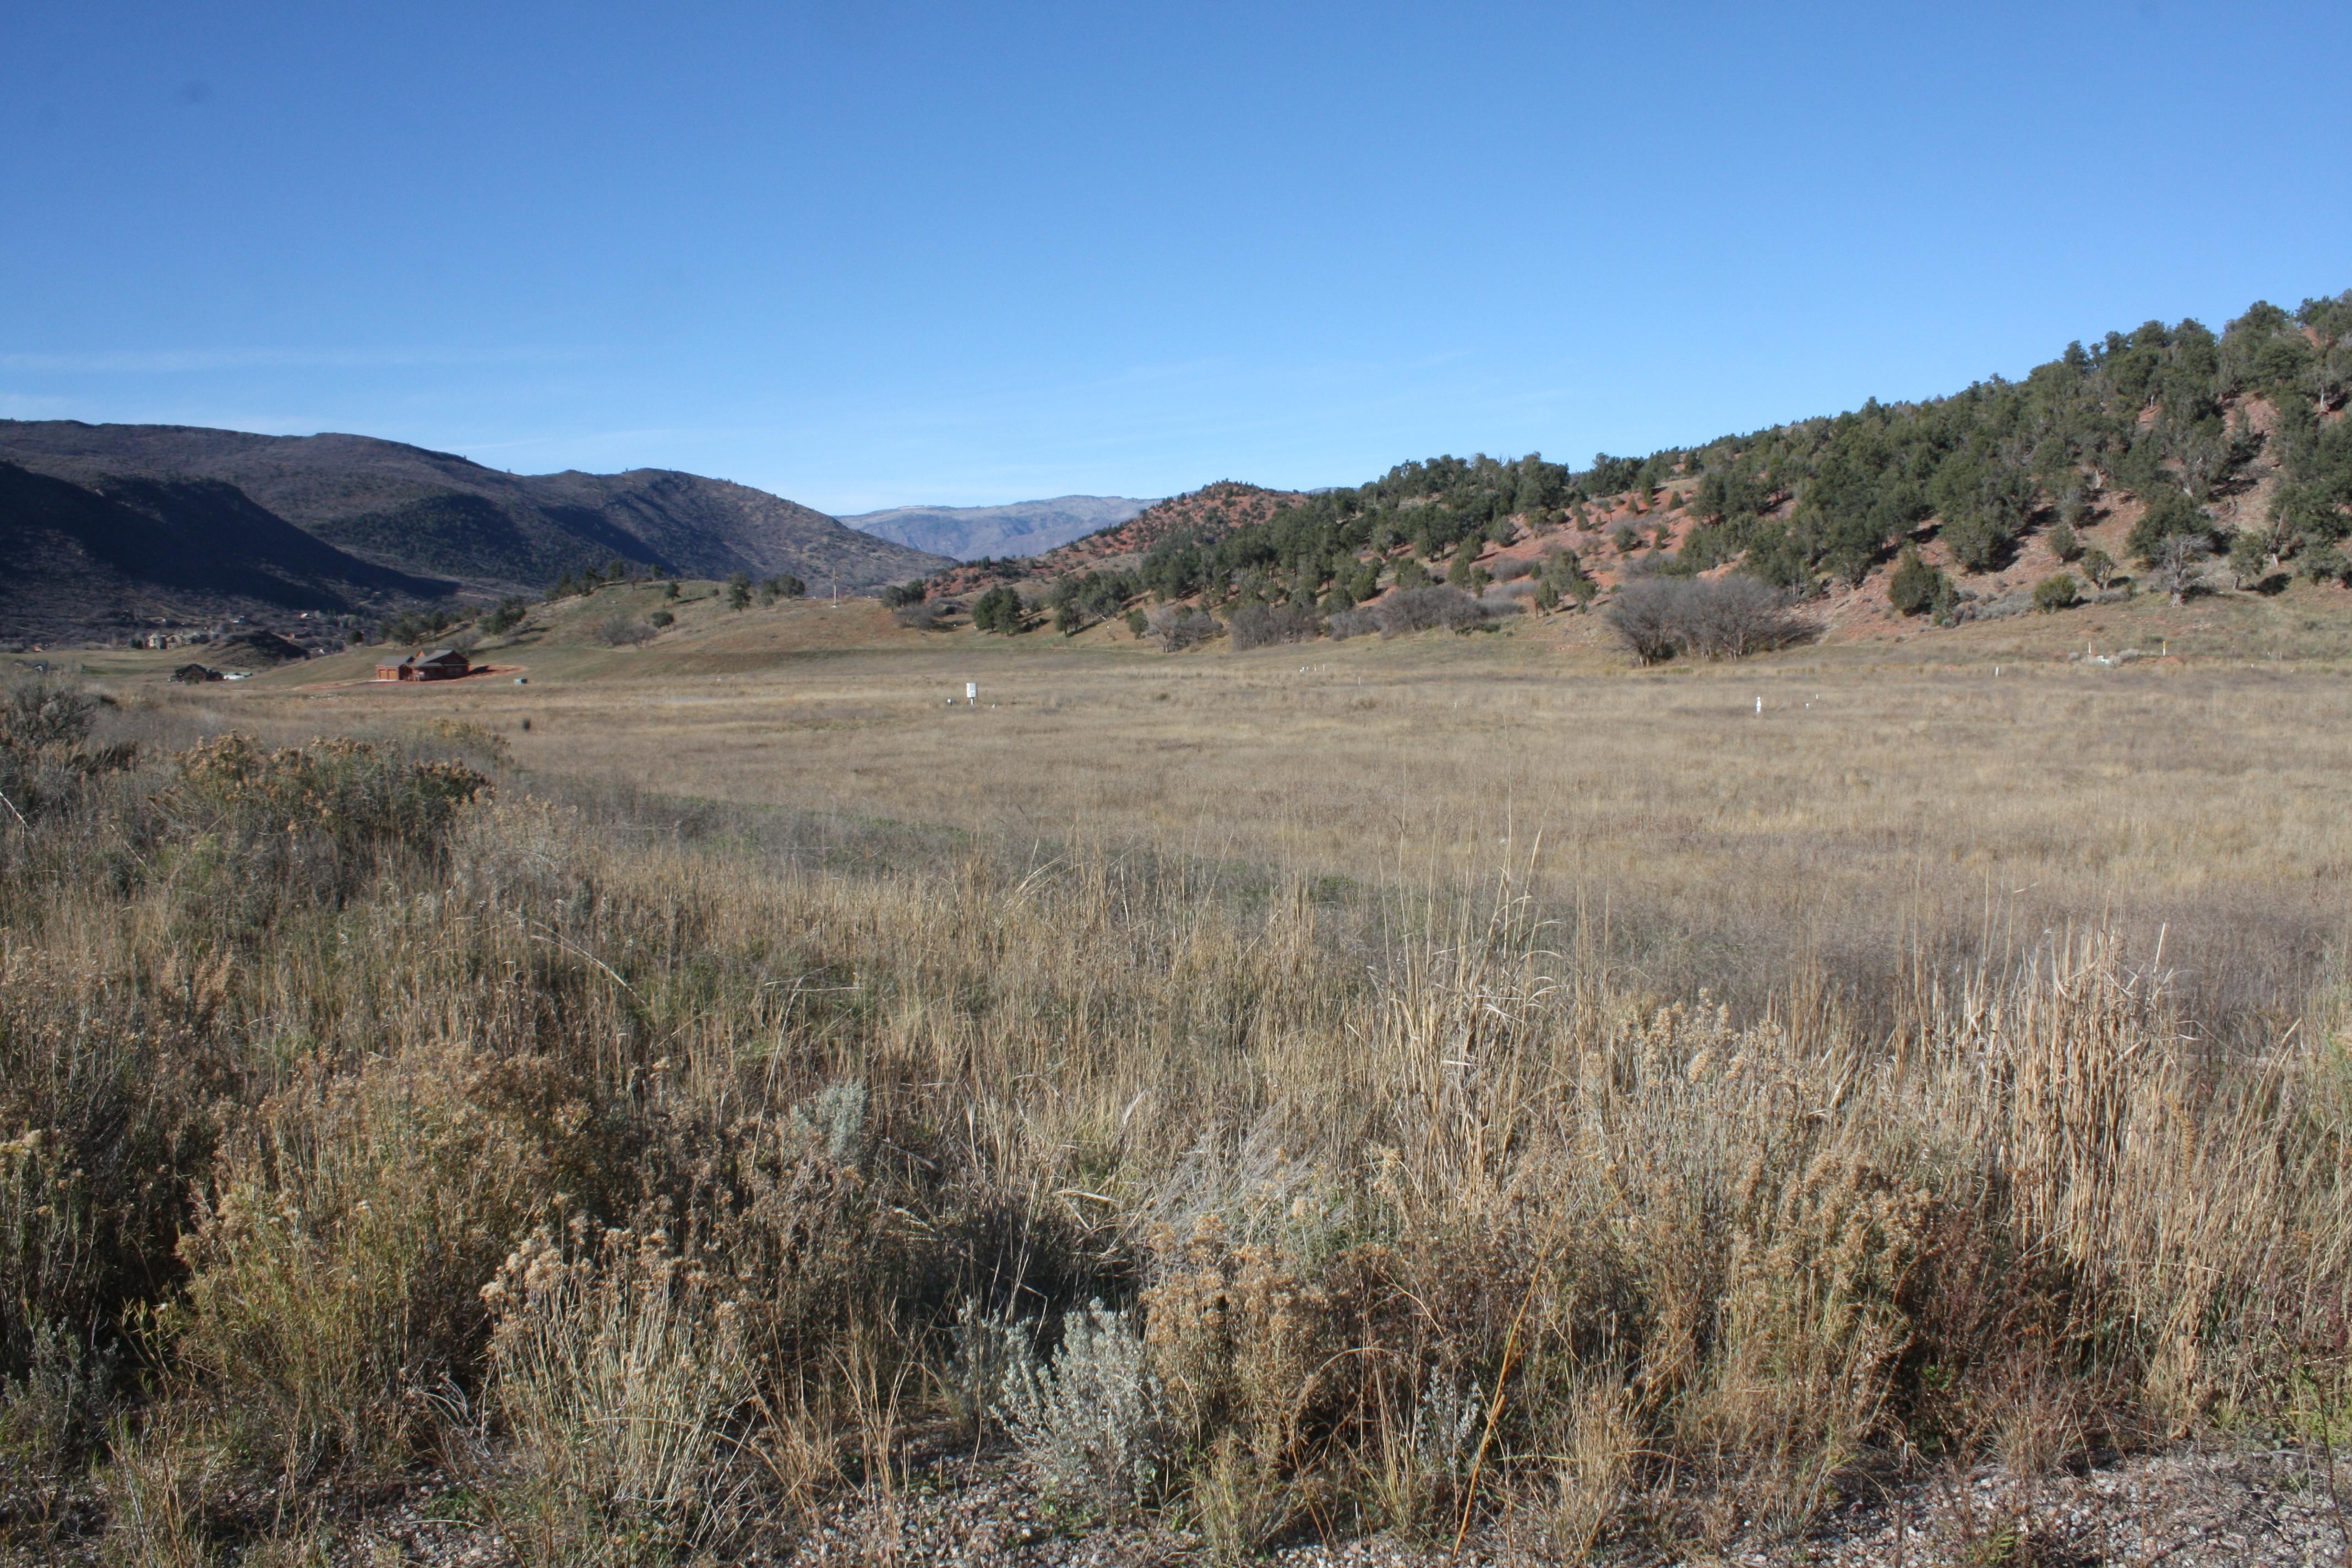 Land for Sale at Lot 67 Springridge Reserve Lot 67 Hidden Valley Glenwood Springs, Colorado, 81601 United States